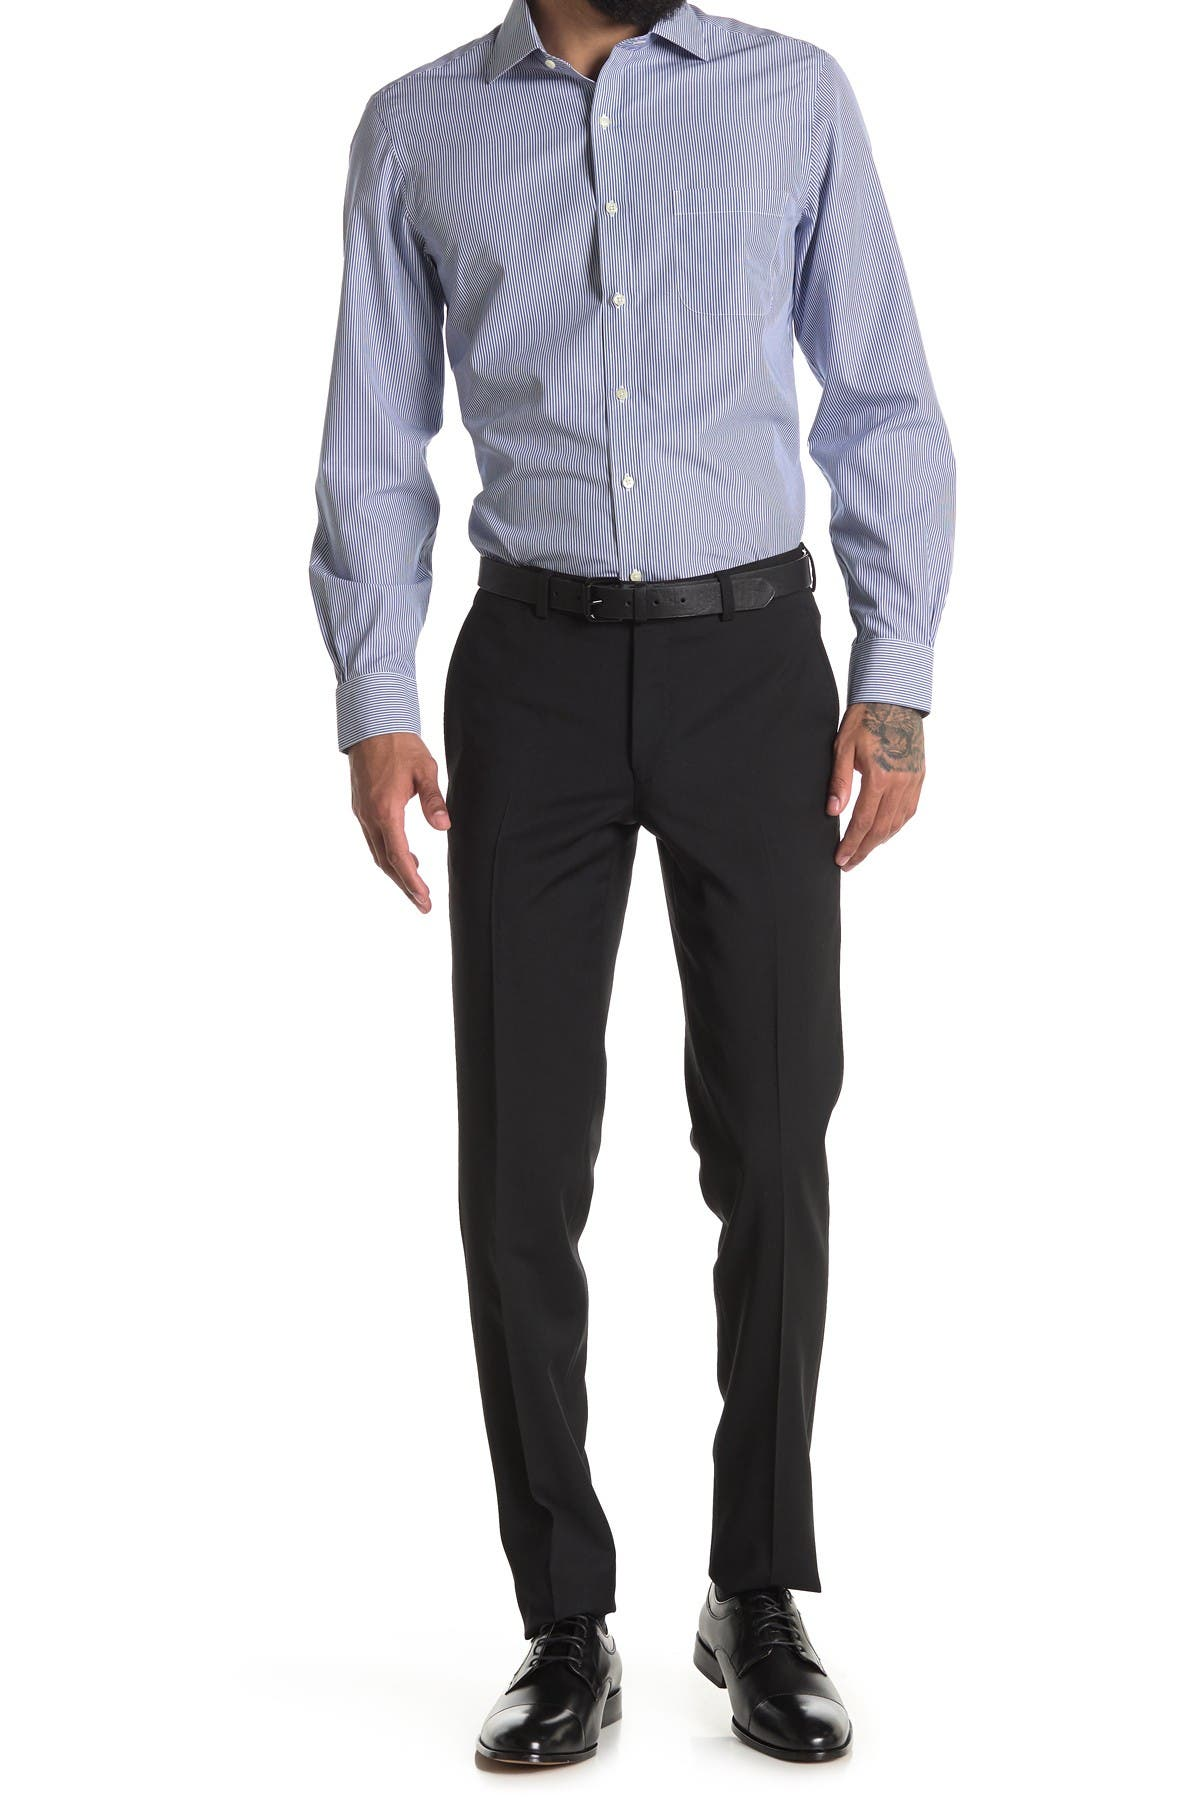 Image of Ted Baker London Jarrett Flat Front Trouser